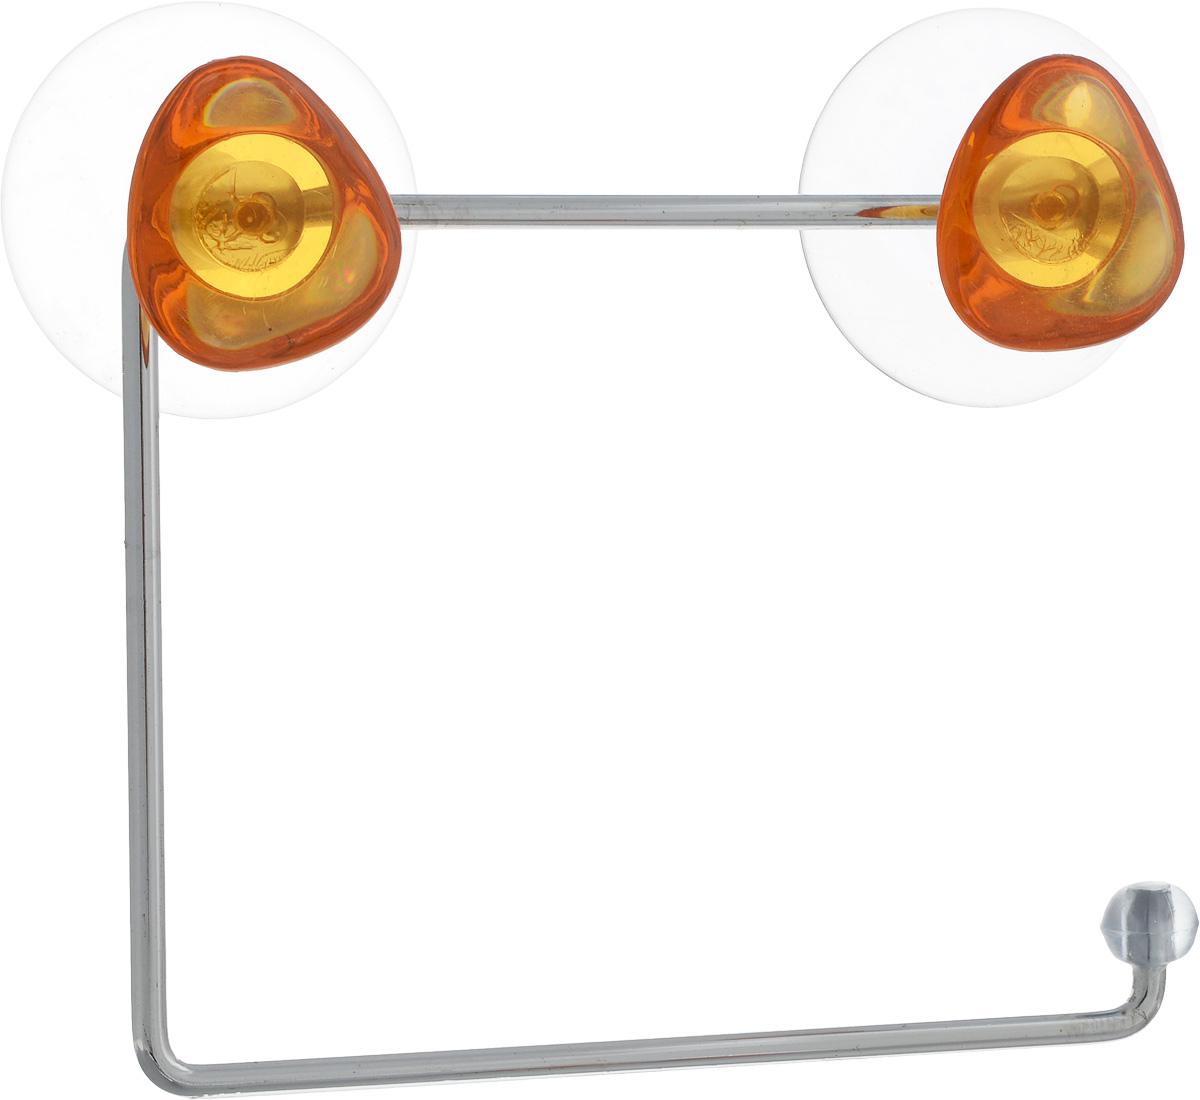 Держатель для туалетной бумаги Axentia Amica, на присосках, цвет: оранжевый, стальной68/5/3Держатель для туалетной бумаги Axentia Amica изготовлениз высококачественной стали с хромированным покрытием,которое устойчиво к влажности и перепадам температуры. Держатель поможет оформить интерьер в выбранном стиле.Он хорошо впишется в любой интерьер,придавая ему черты современности.Для большего удобства изделие крепится спомощью двух присосок из поливинилхлорида (входят вкомплект), что дает возможность при необходимости менятьих месторасположение.Размер держателя: 15 х 12,5 х 4 см.Диаметр присоски: 5,5 см.